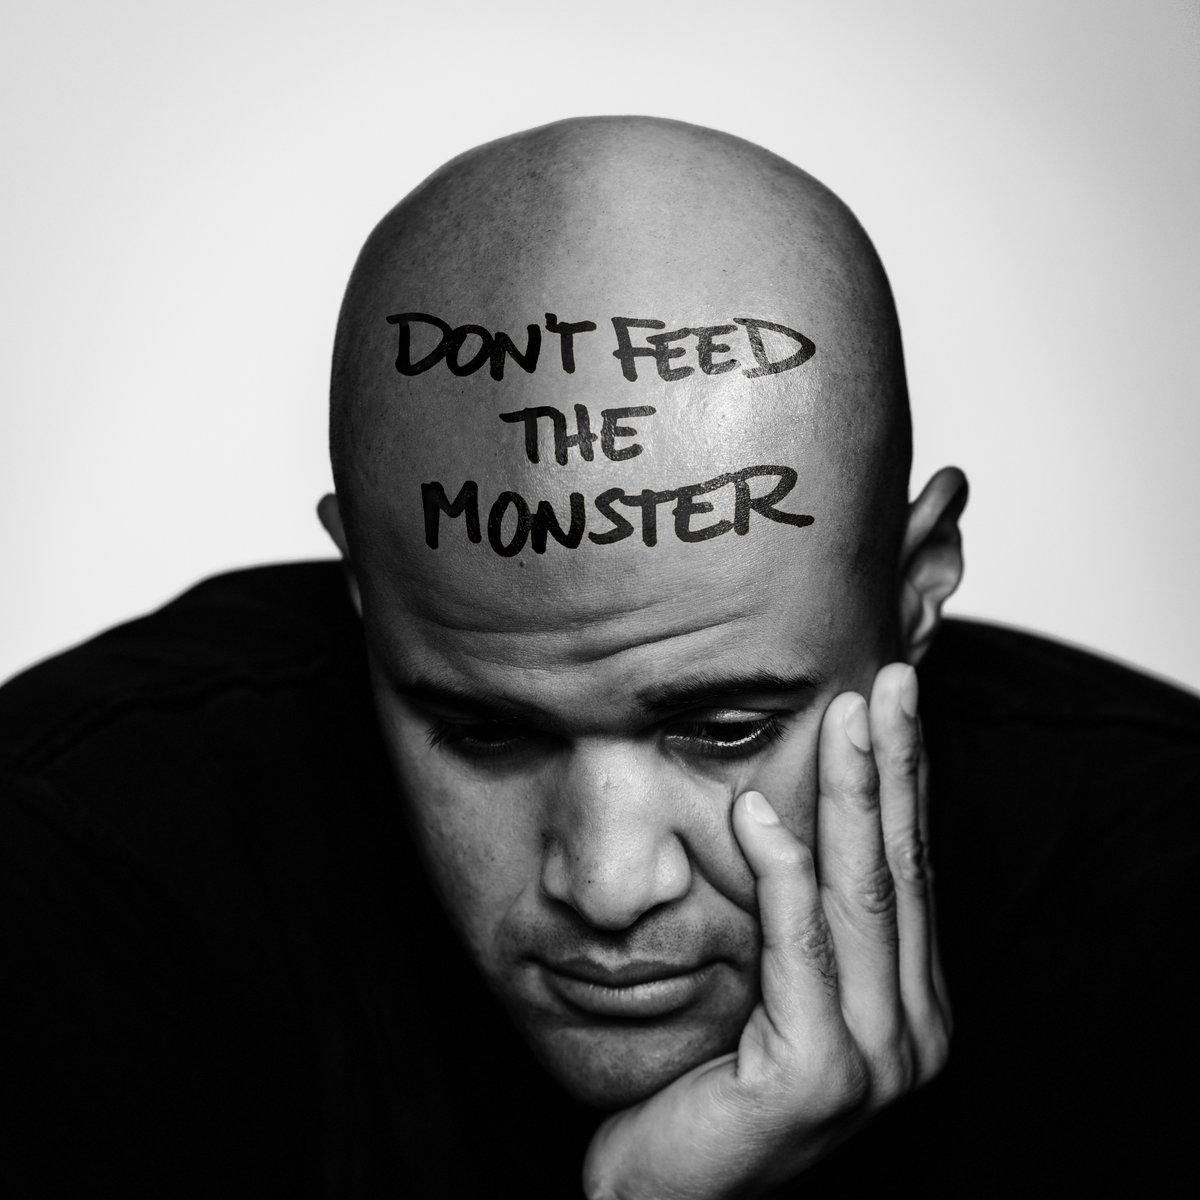 don't feed the monster, homeboy sandman